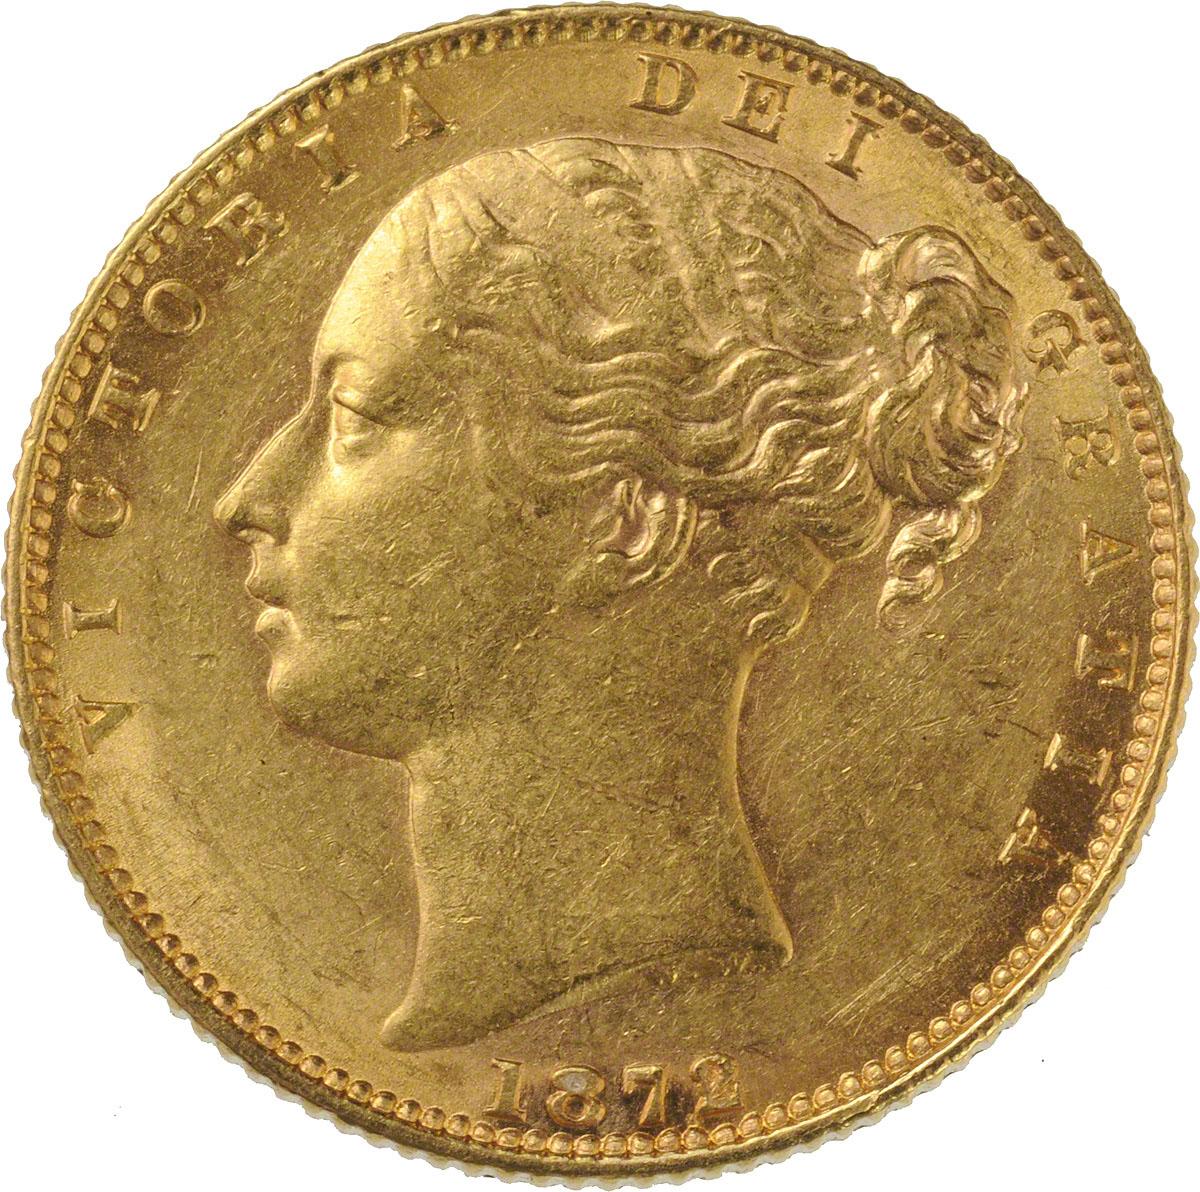 1872 Βικτώρια – Θυρεός (Νομισματοκοπείο Λονδίνου)